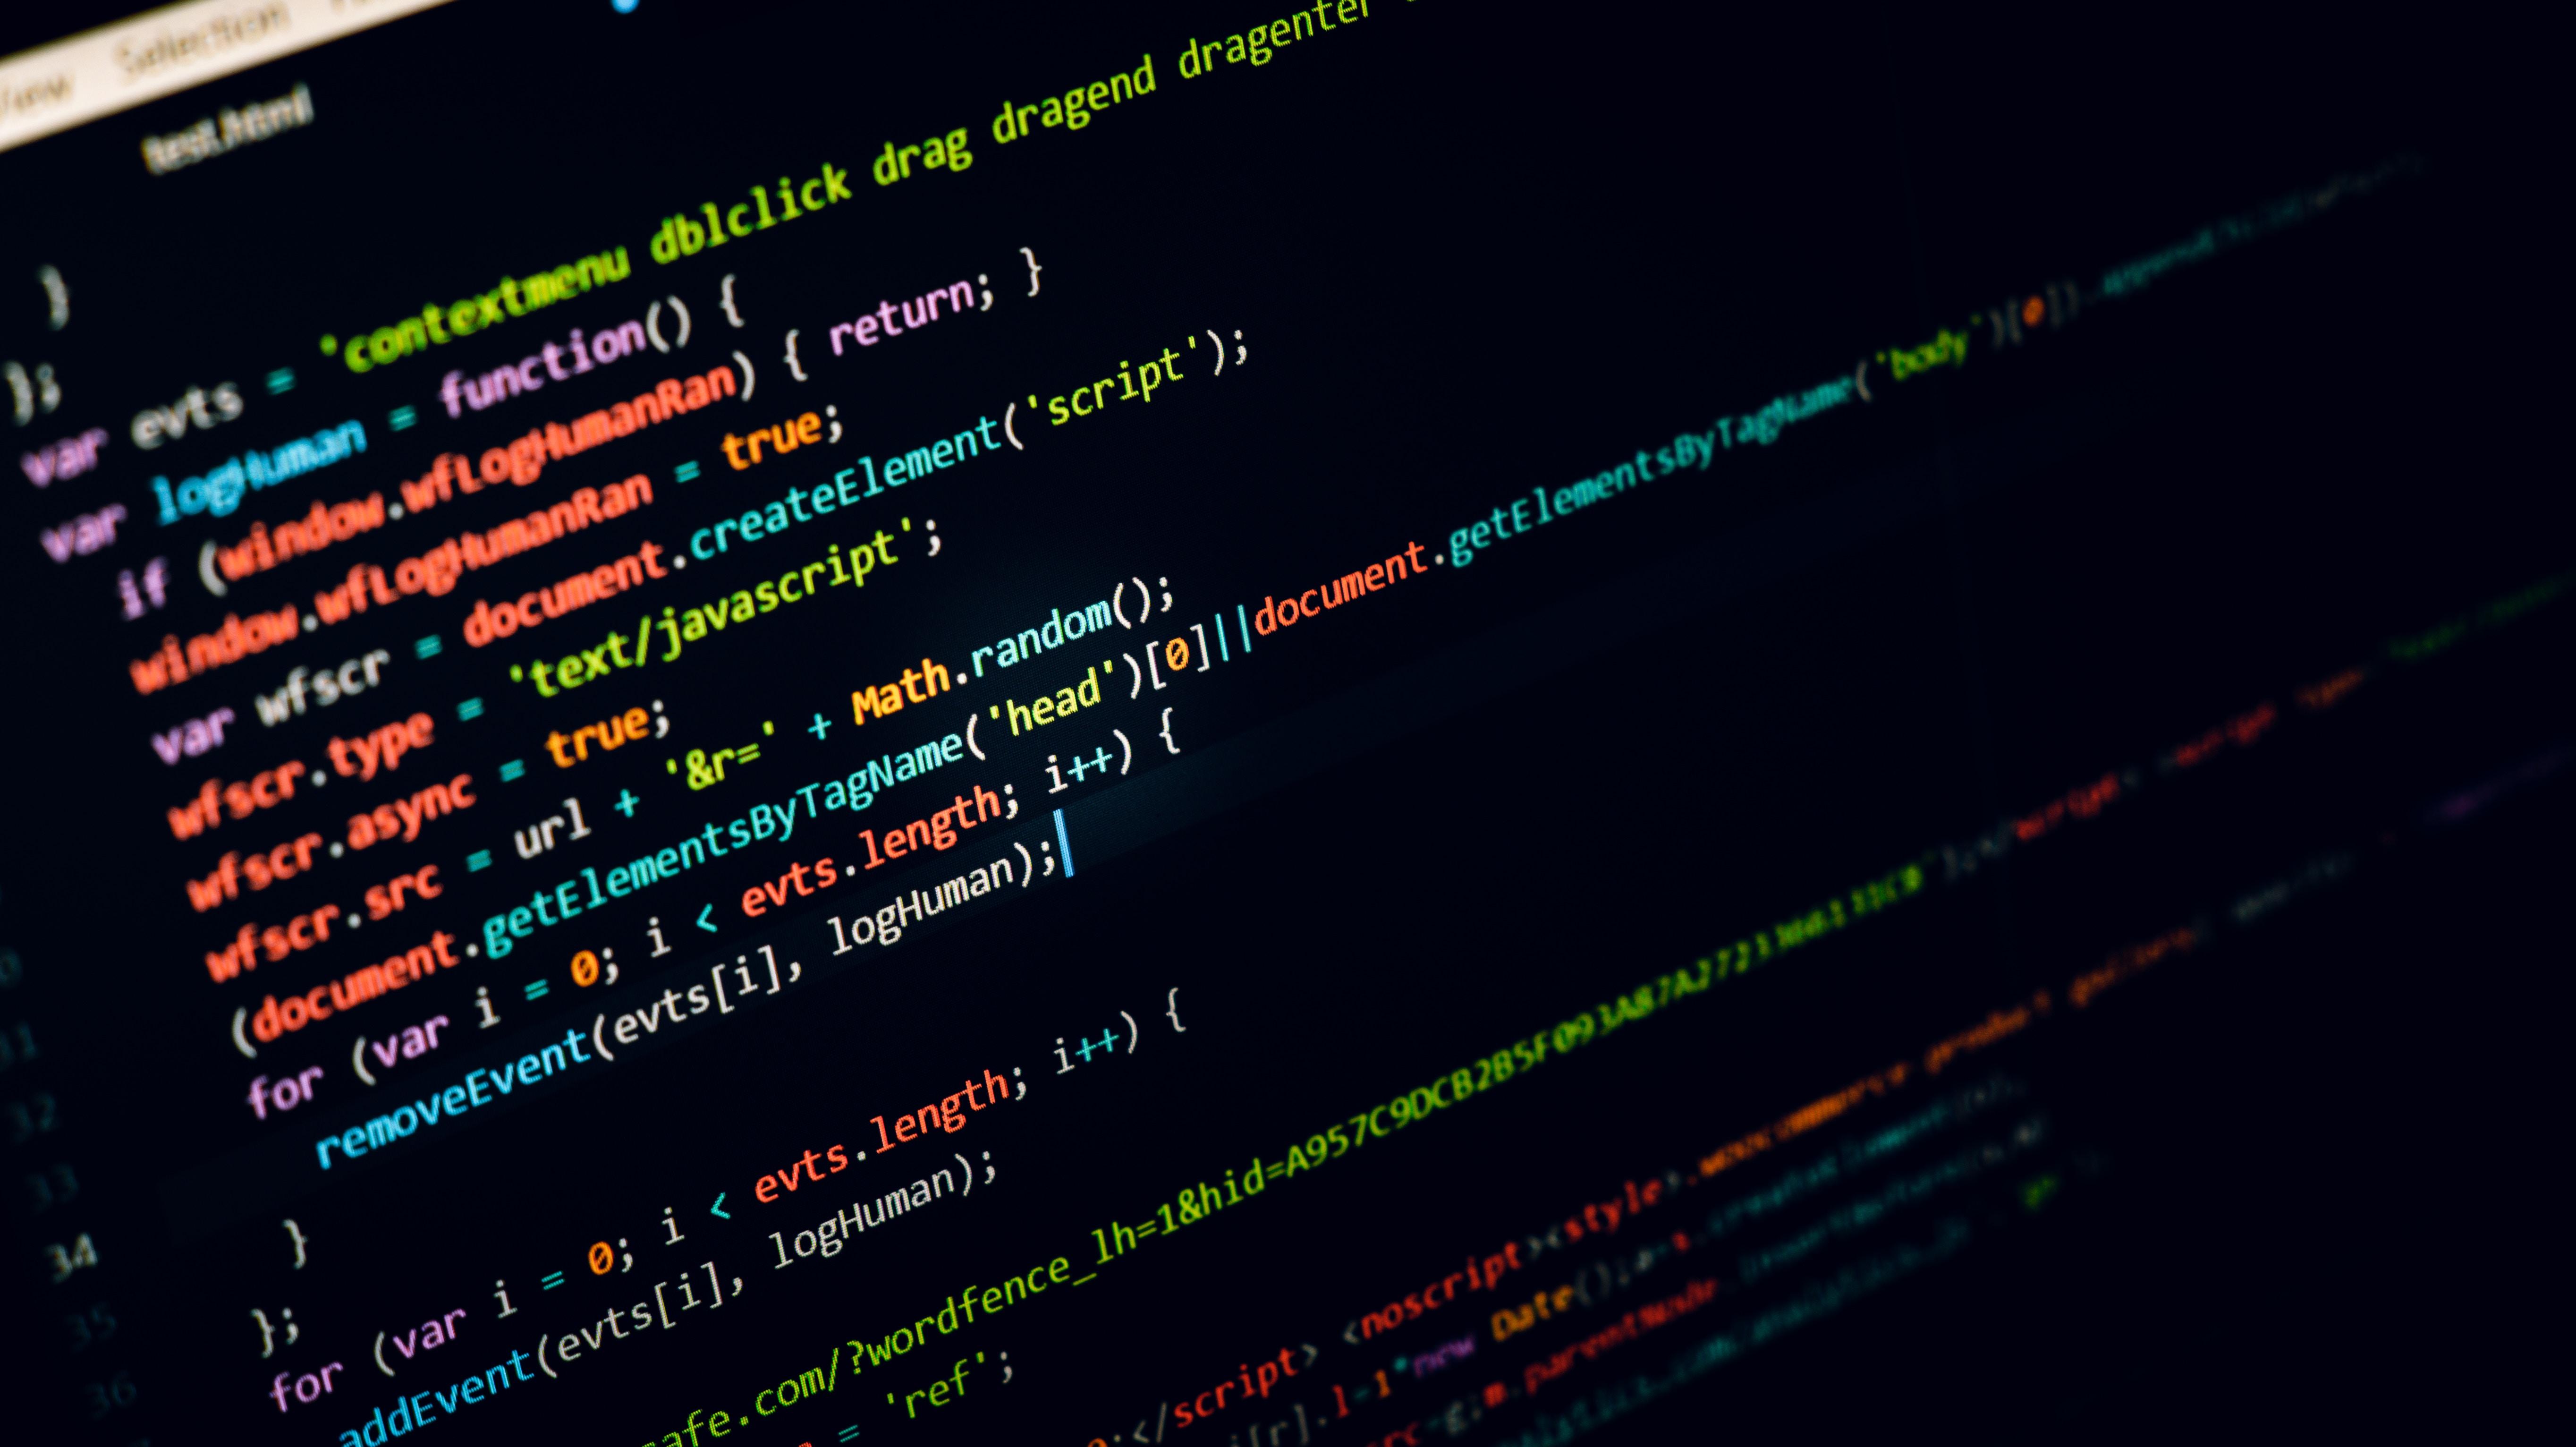 حقایقی درباره برنامه نویسی